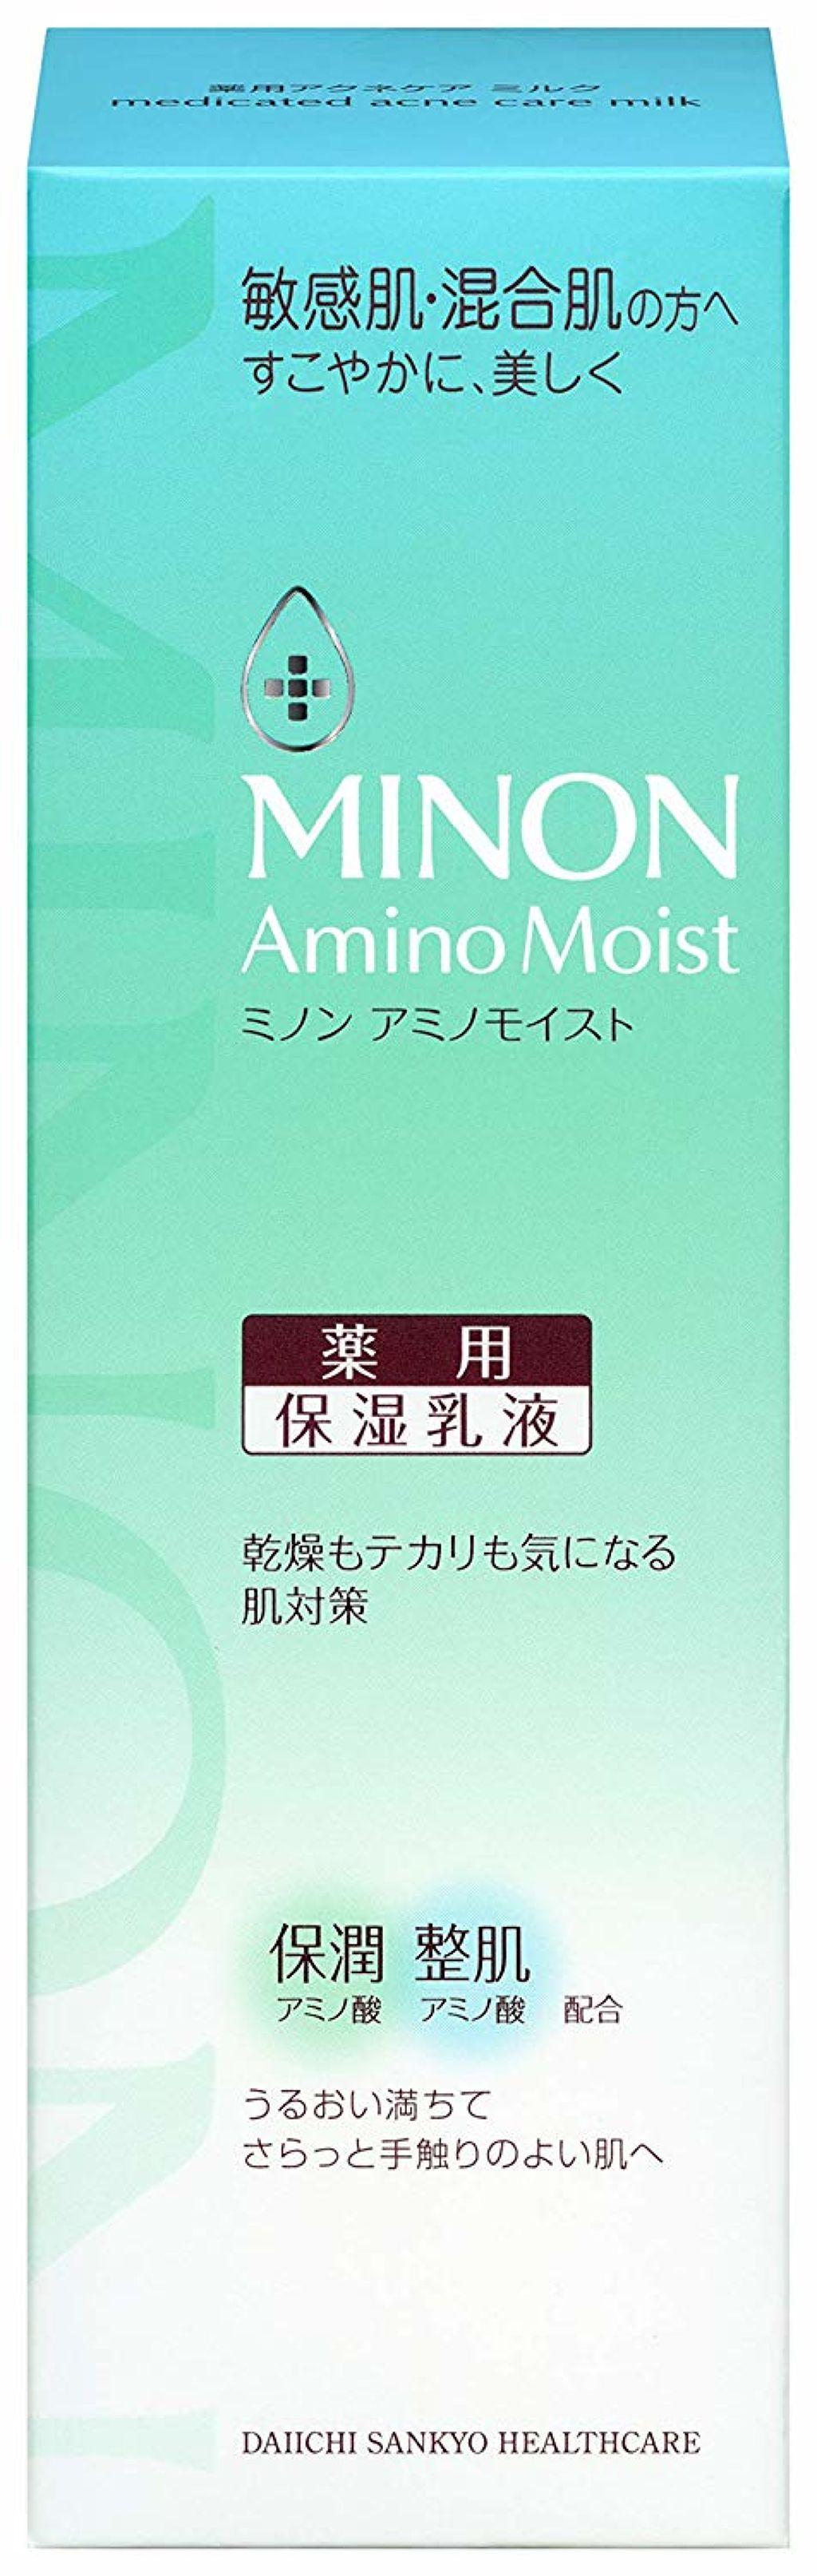 アミノモイスト 薬用アクネケア ミルク ミノン